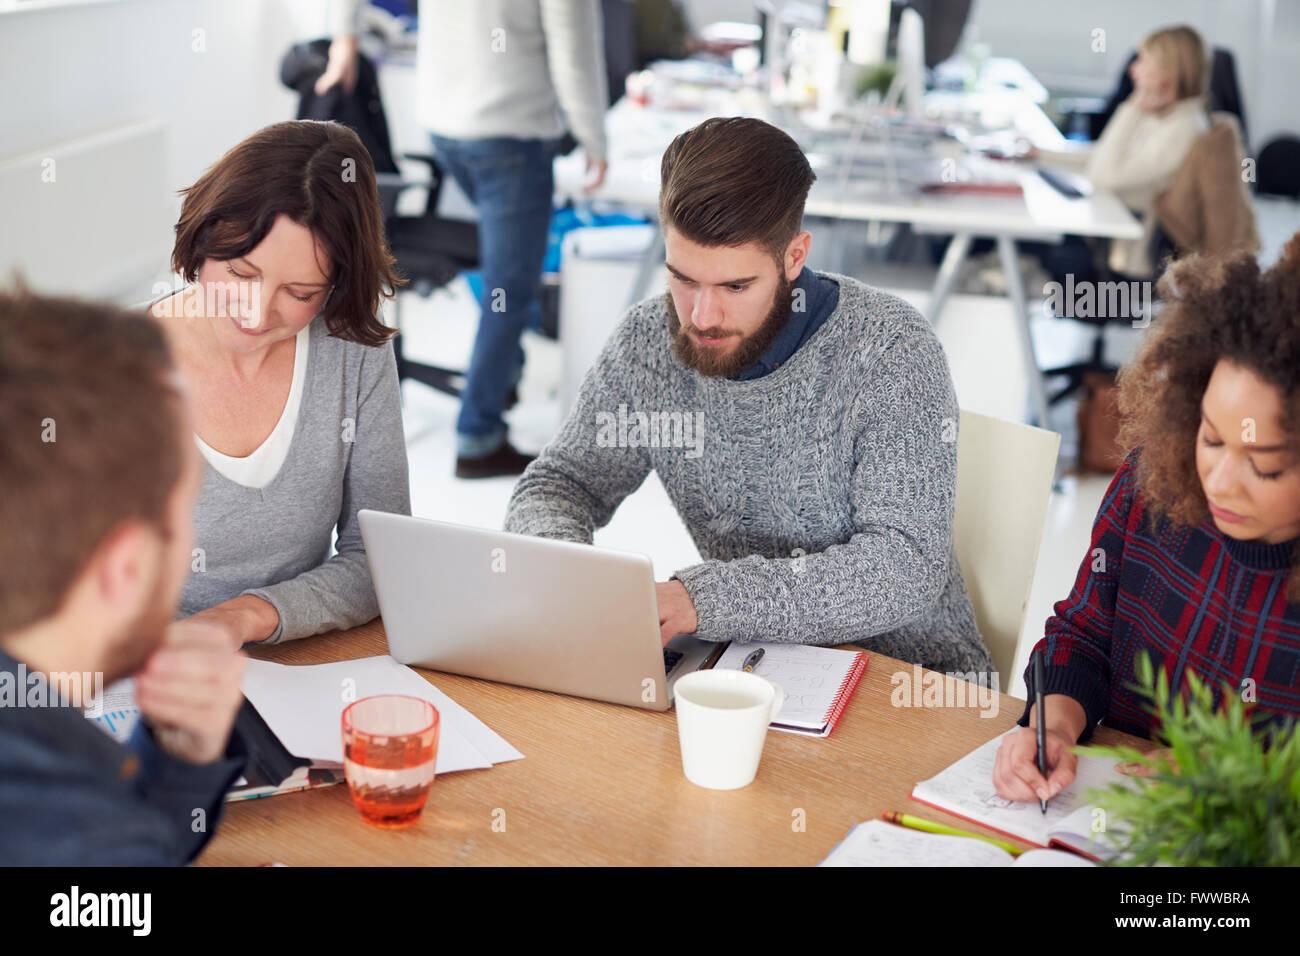 Elevato angolo di visione del Business Meeting nel moderno ufficio occupato Immagini Stock